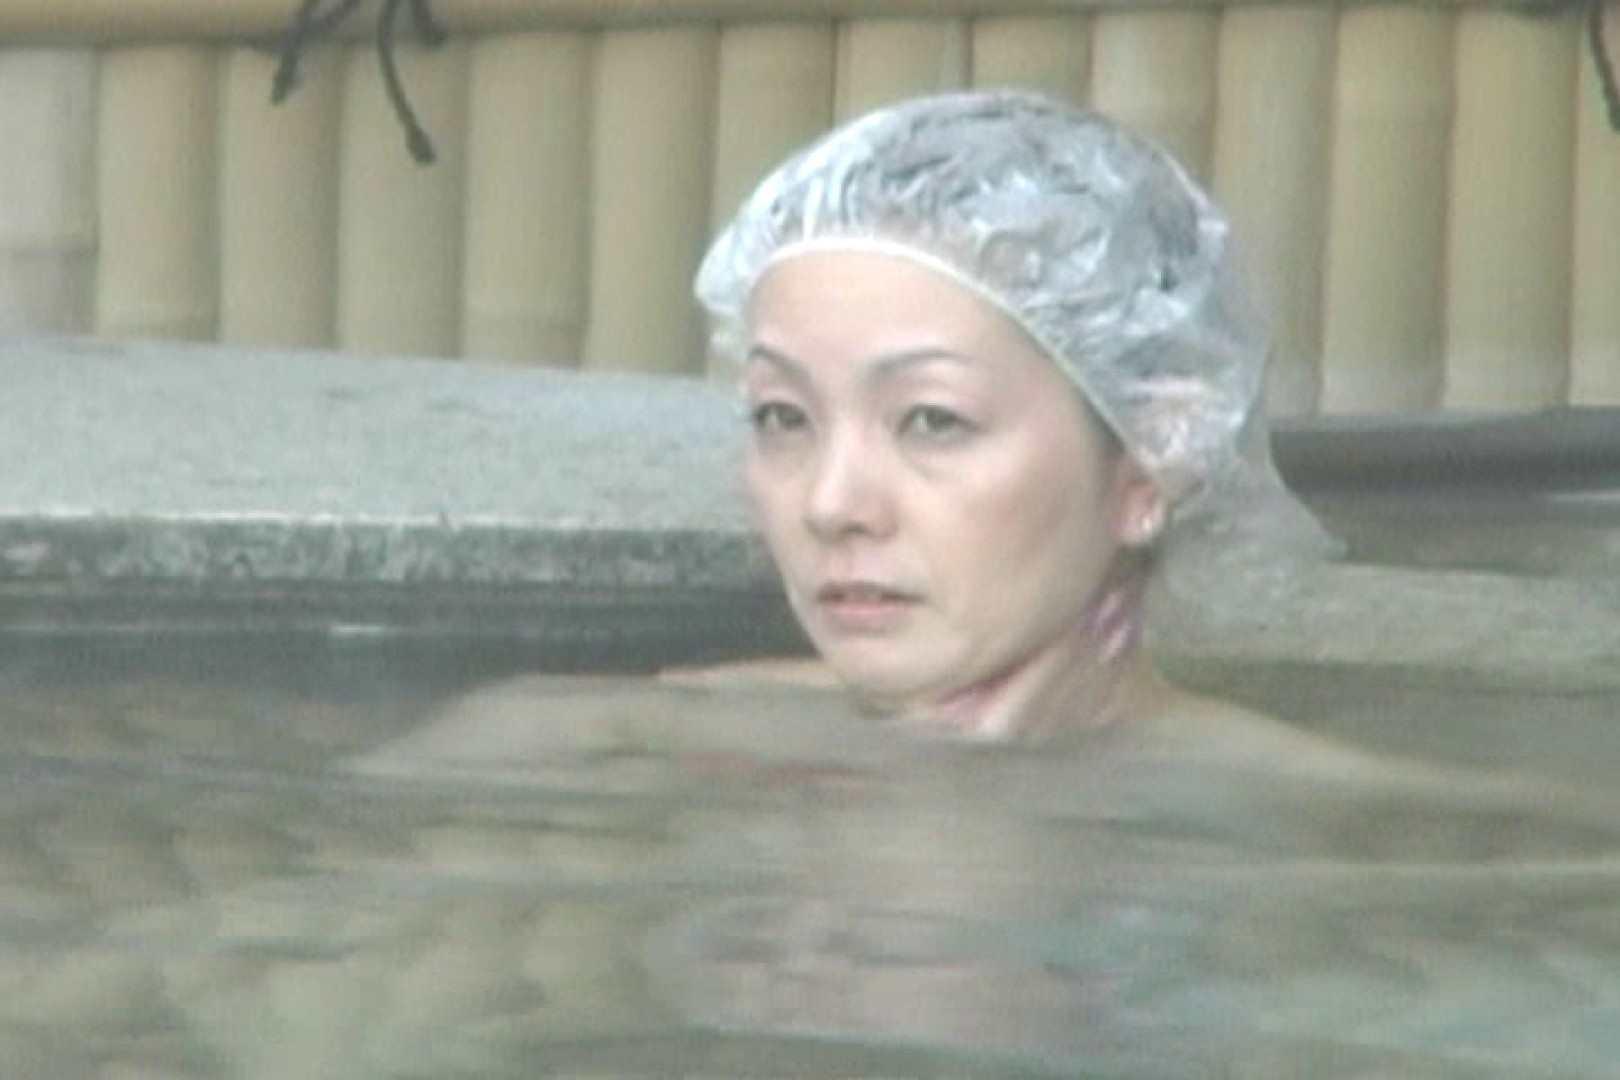 Aquaな露天風呂Vol.592 露天 | 盗撮  92pic 49